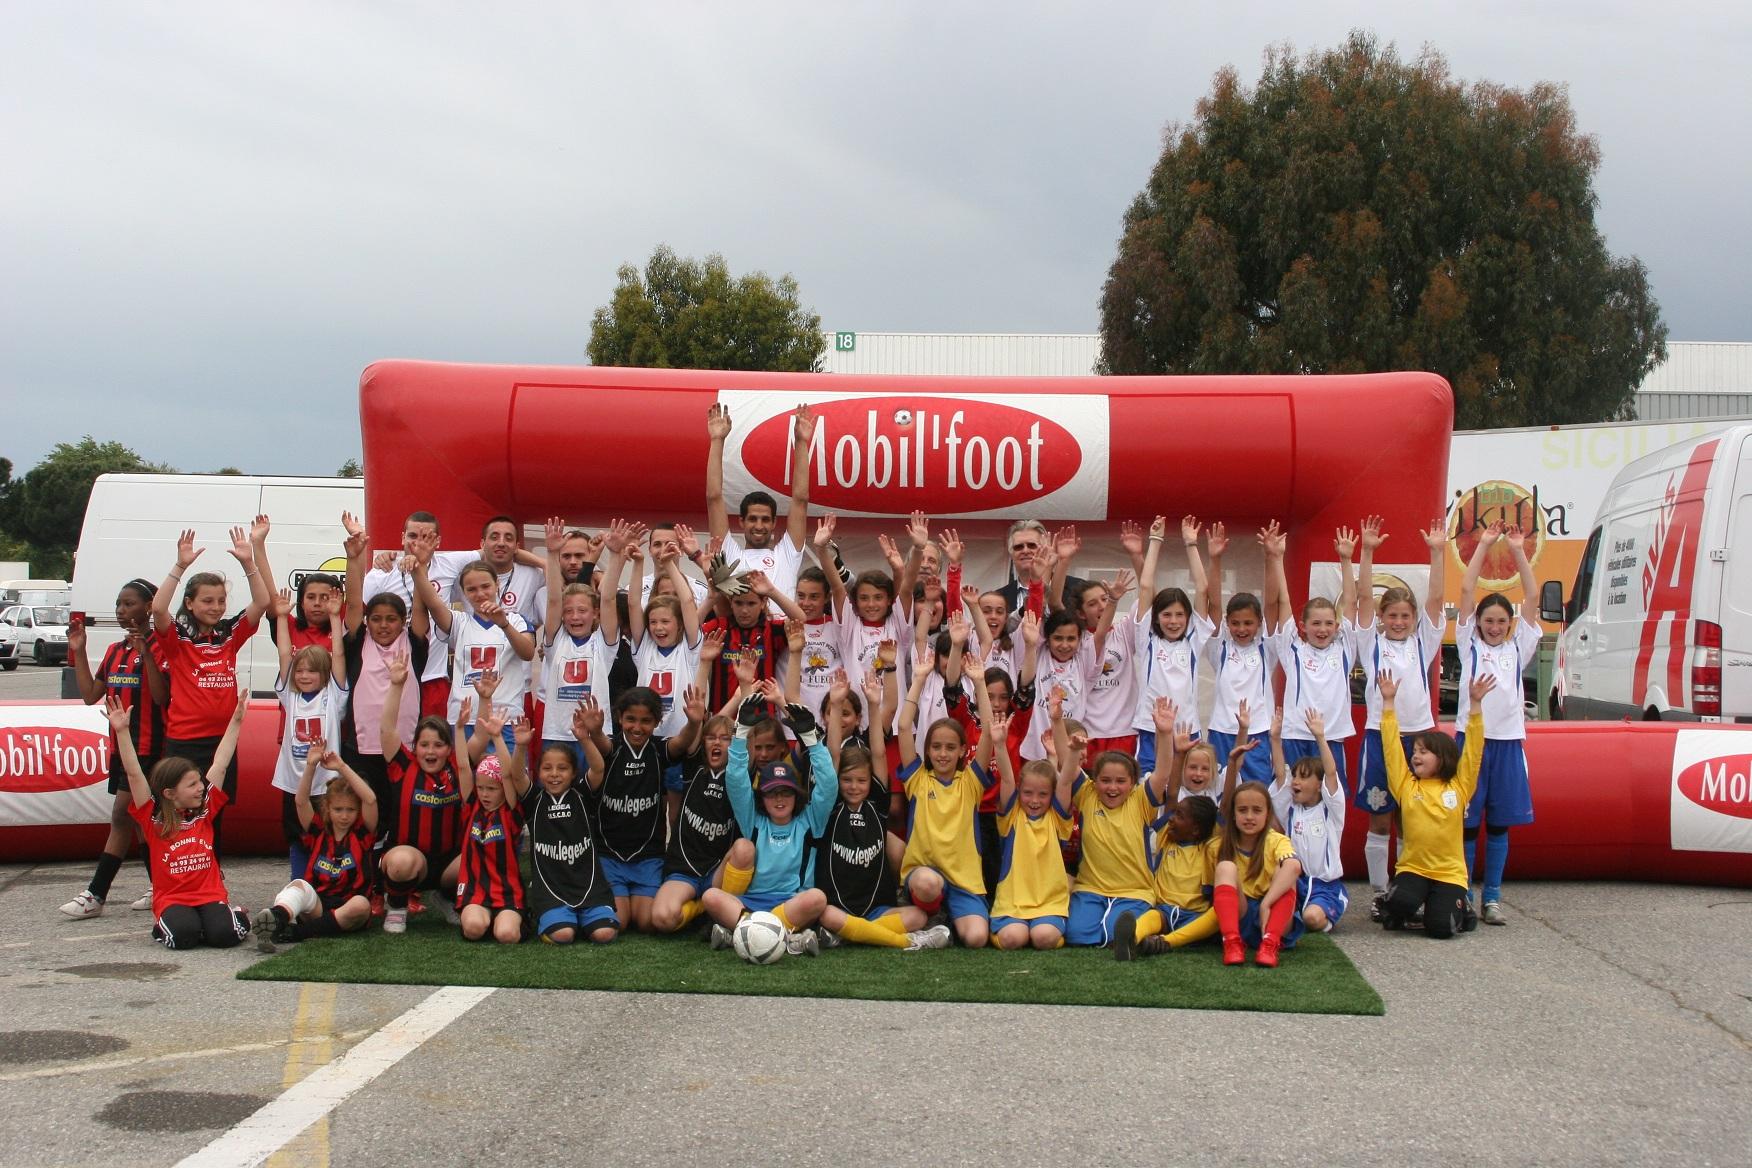 MOBIL'FOOT 2010